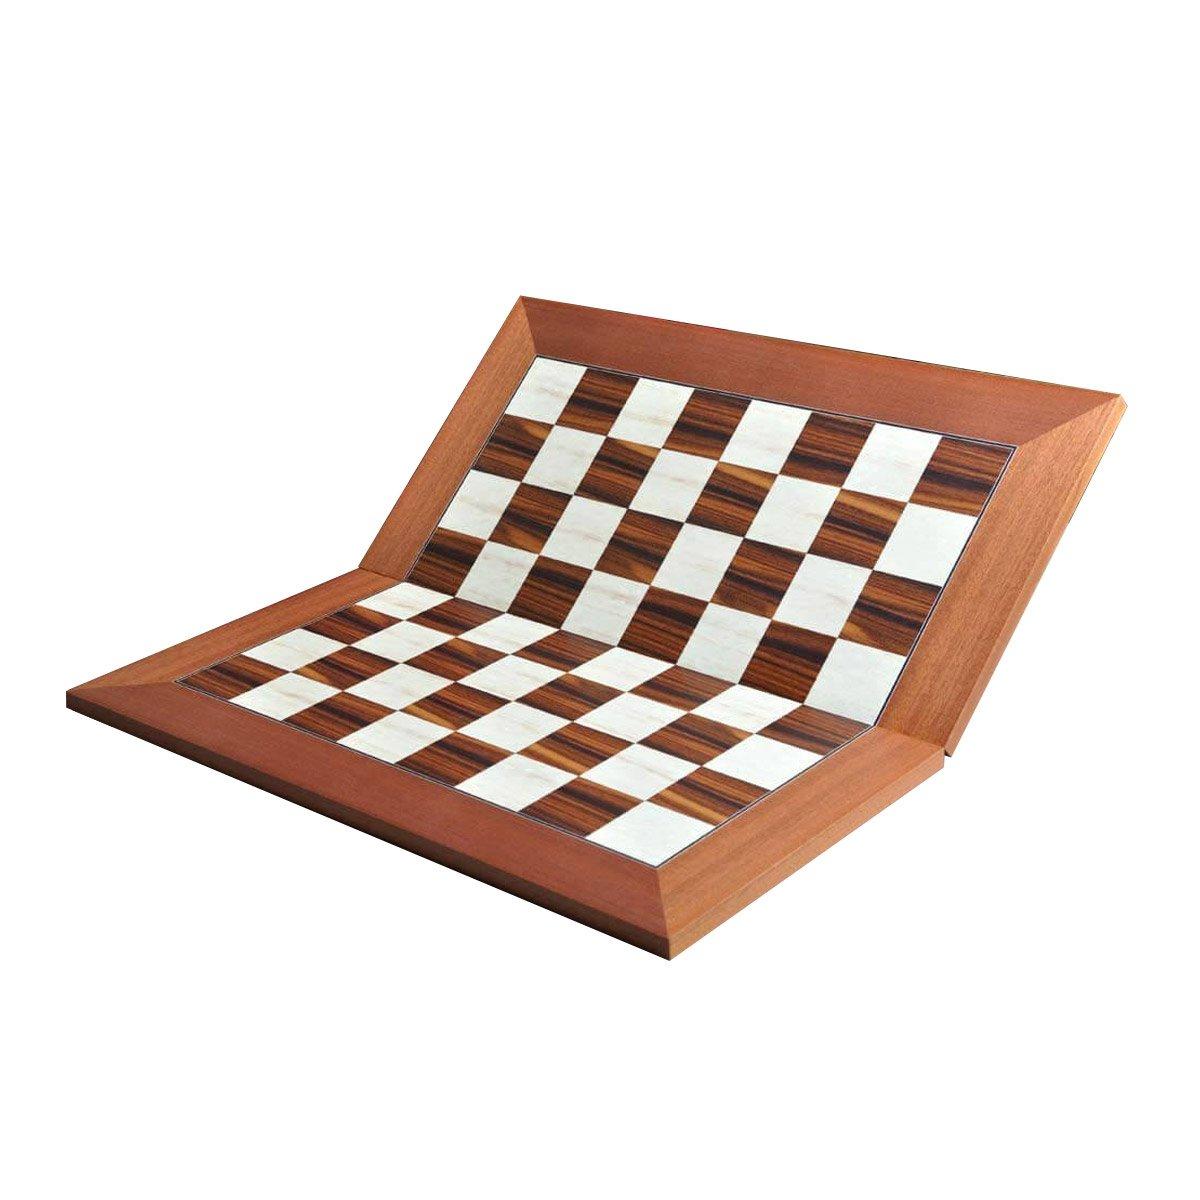 売上実績NO.1 Folding Standard Traditional Chess Board 2.375